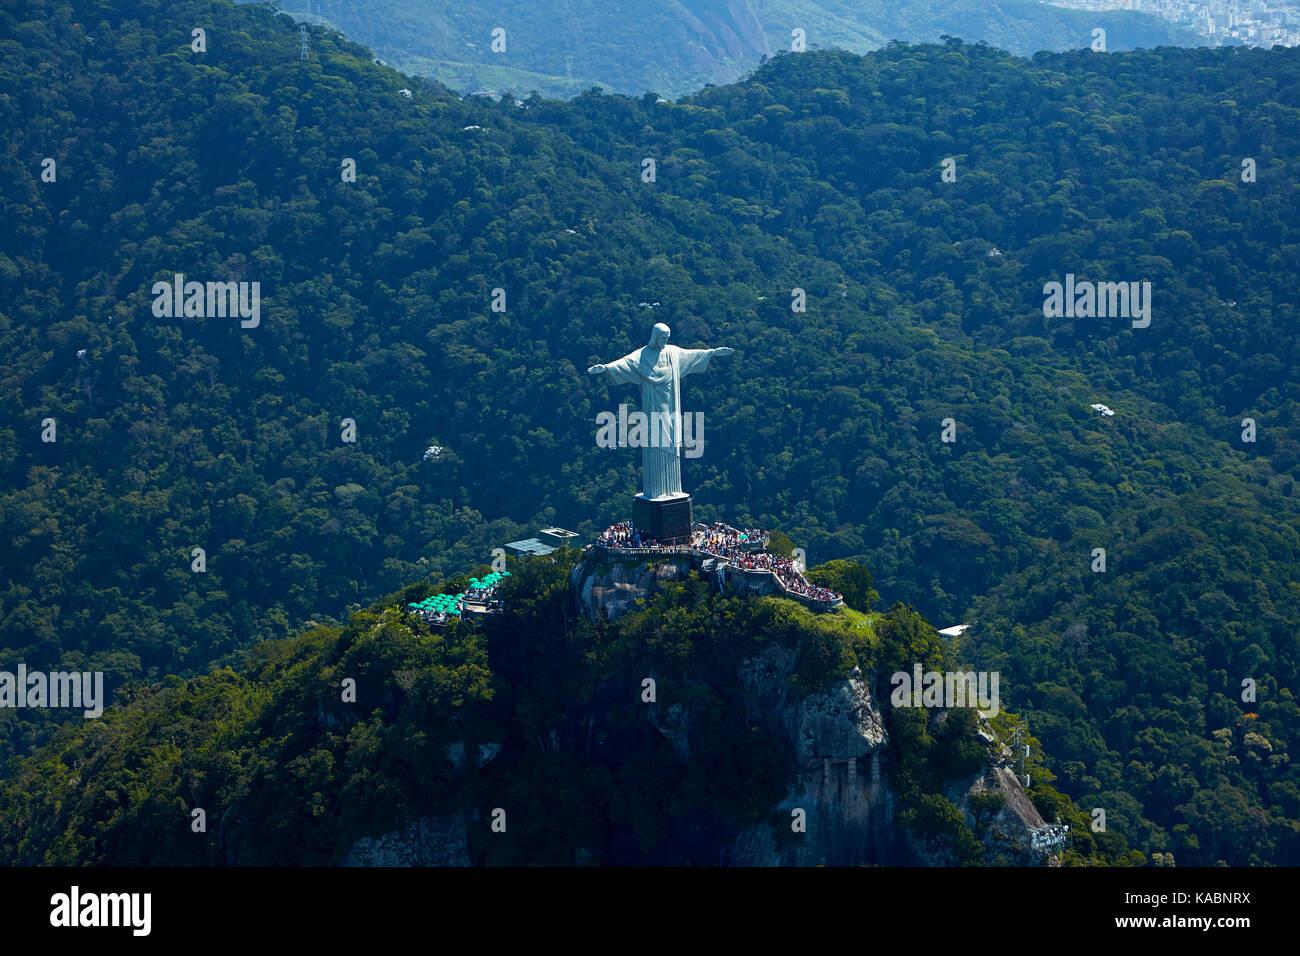 La estatua gigante de Cristo Redentor en la cima del Corcovado, Río de Janeiro, Brasil, América del Sur Imagen De Stock